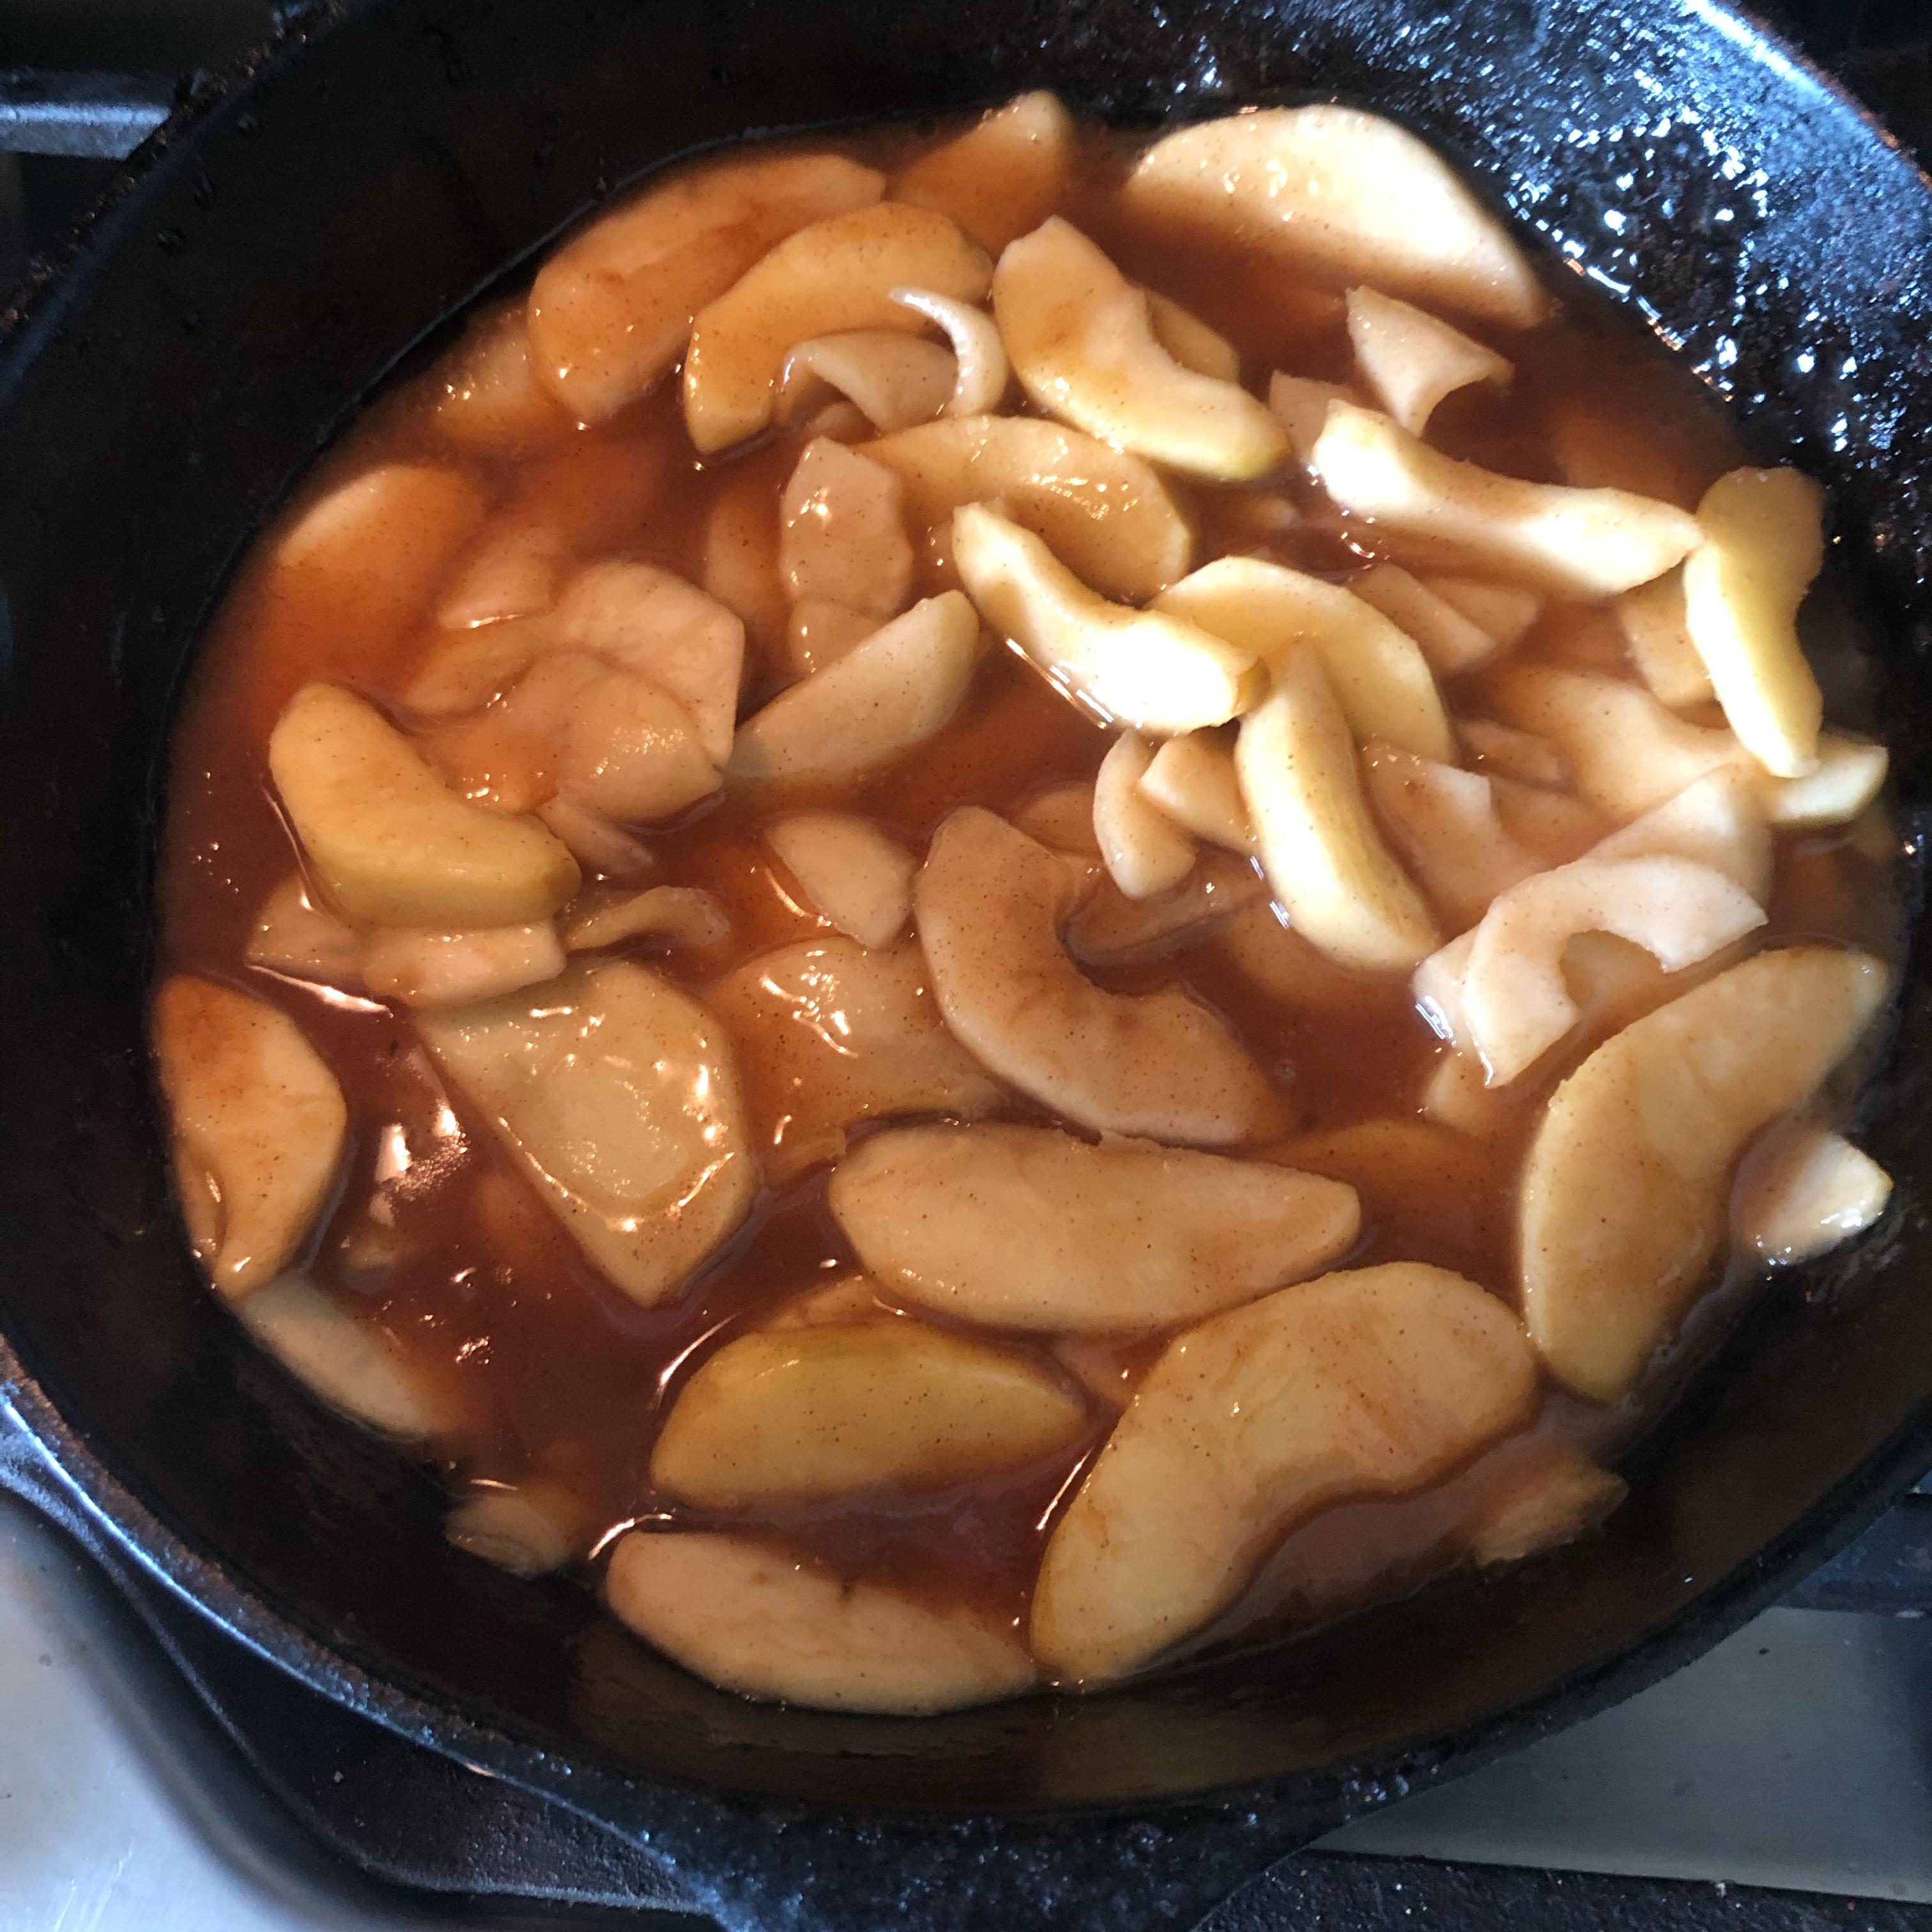 Sauteed Apples peckerwood